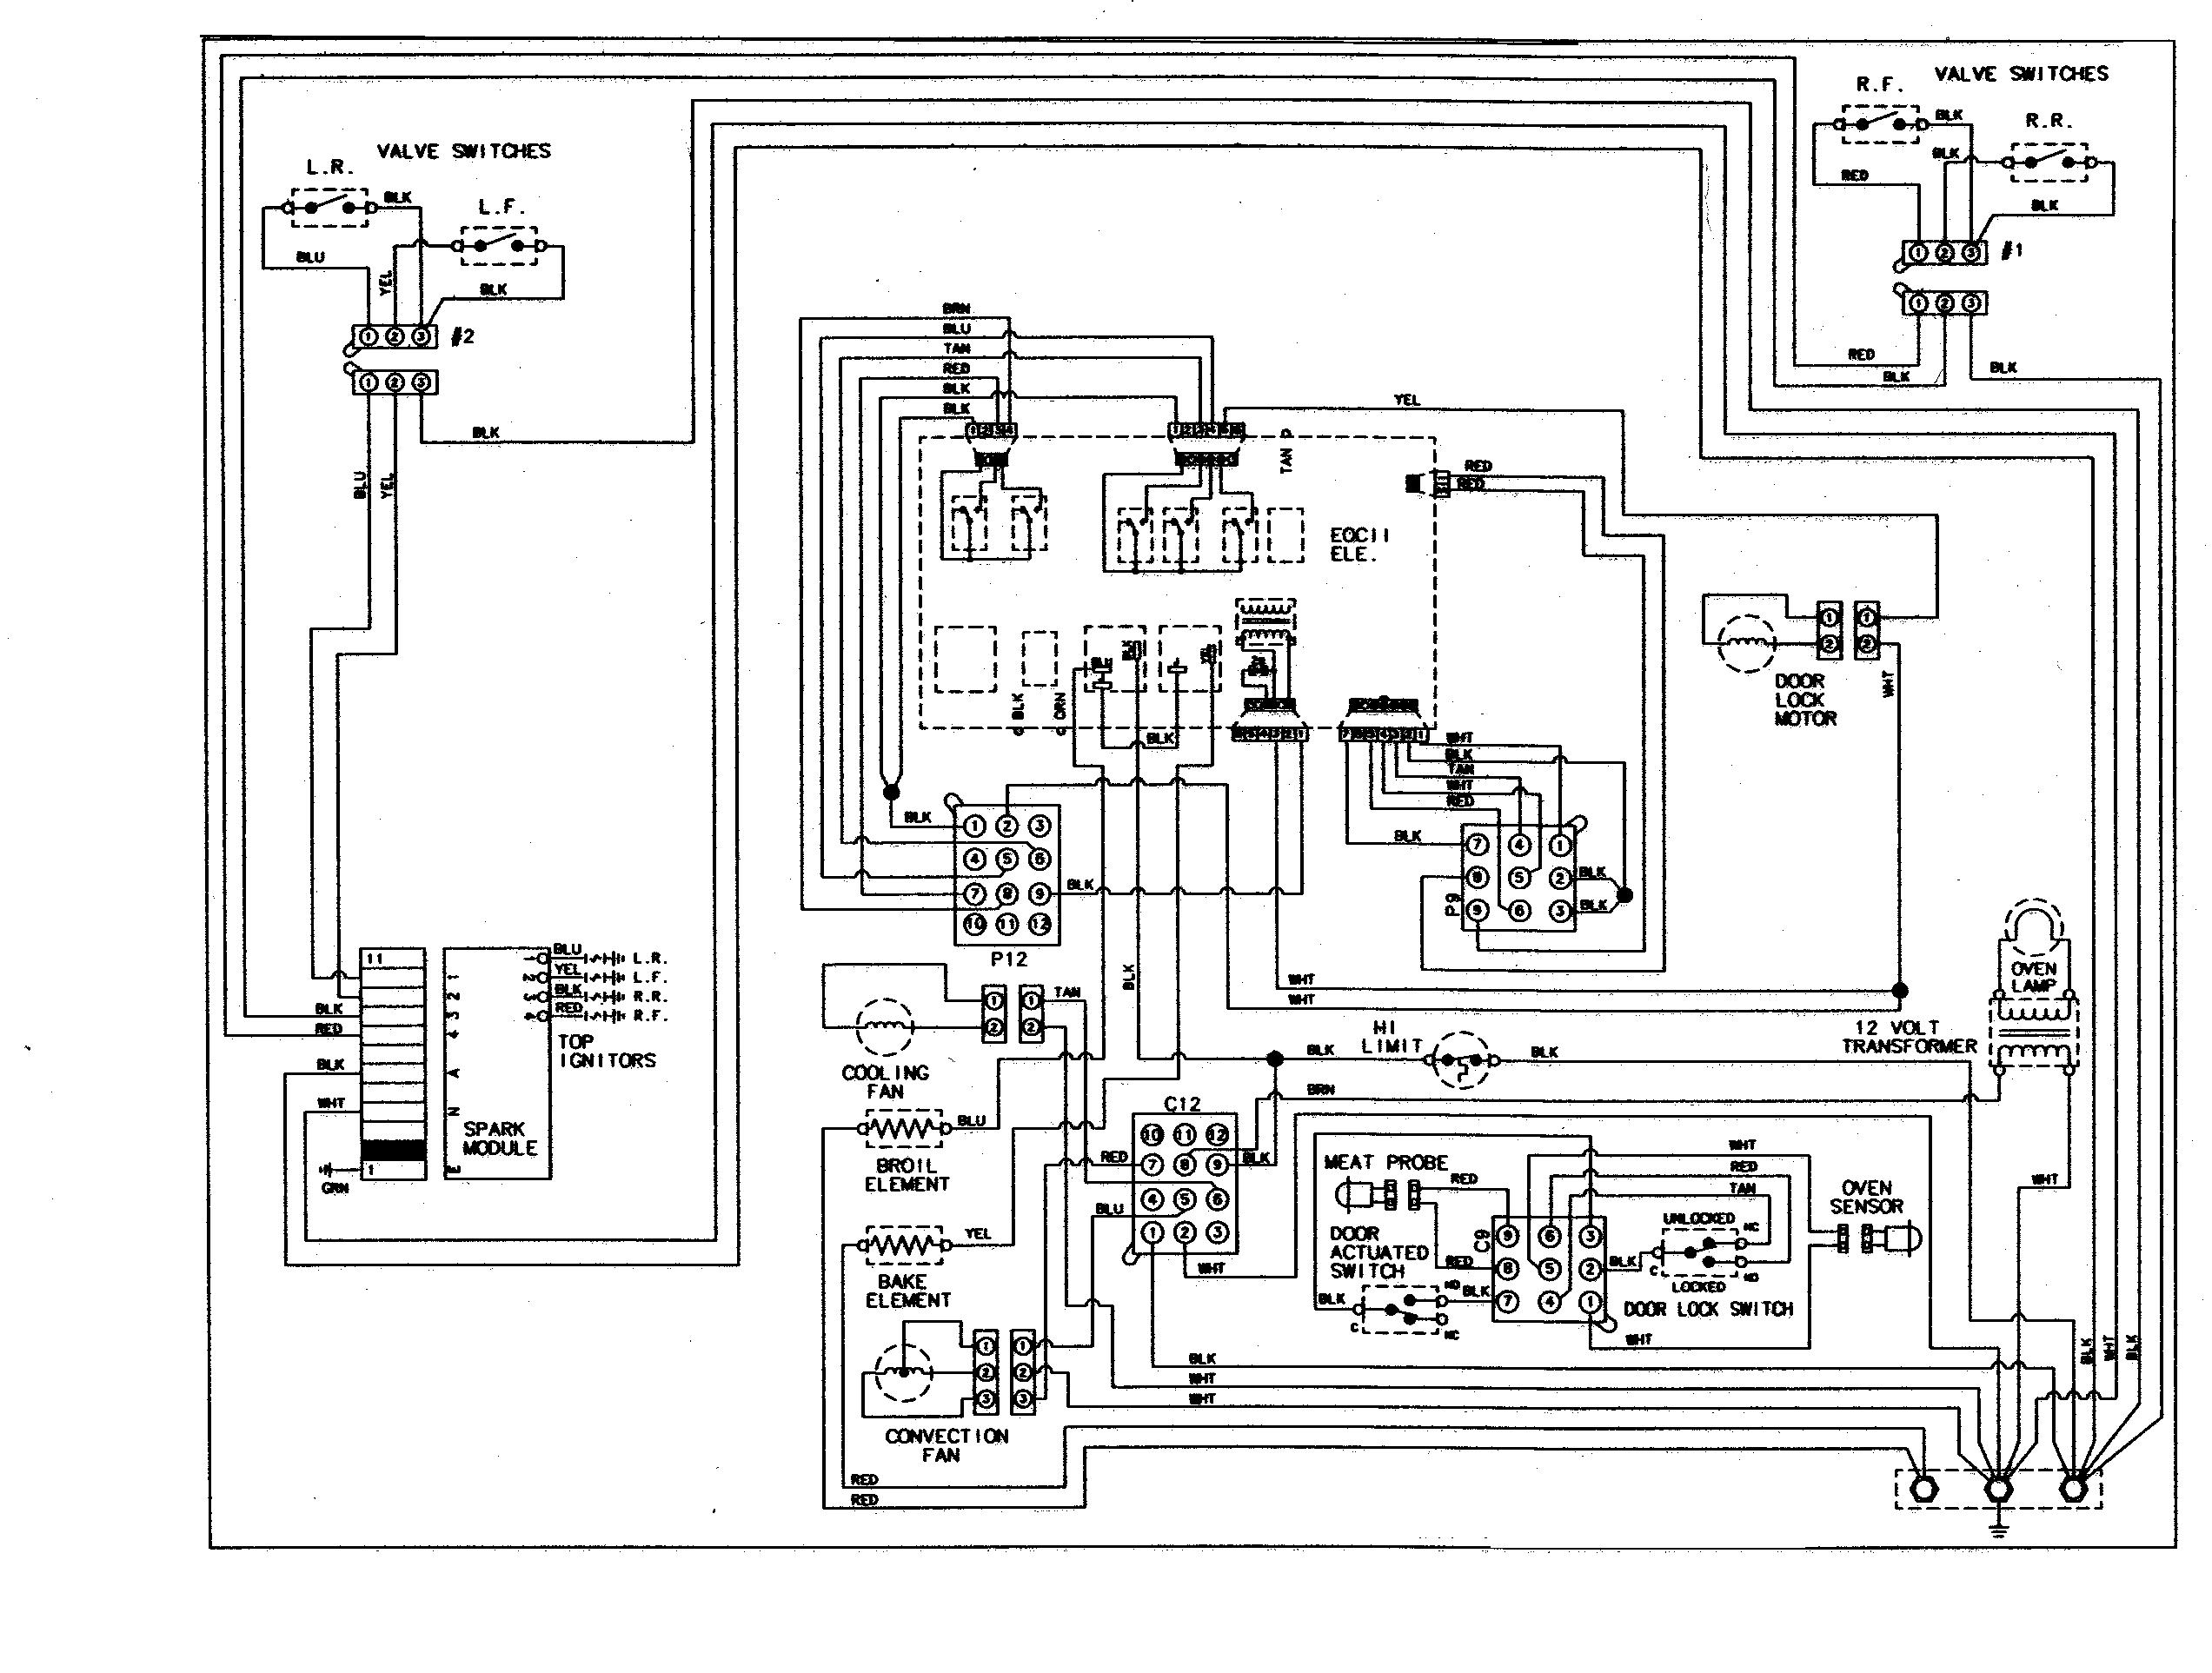 Ge Gas Stove Wiring Schematic - 2007 Gmc C5500 Wiring Diagram for Wiring  Diagram Schematics | Ge Stove Wiring Diagram |  | Wiring Diagram Schematics